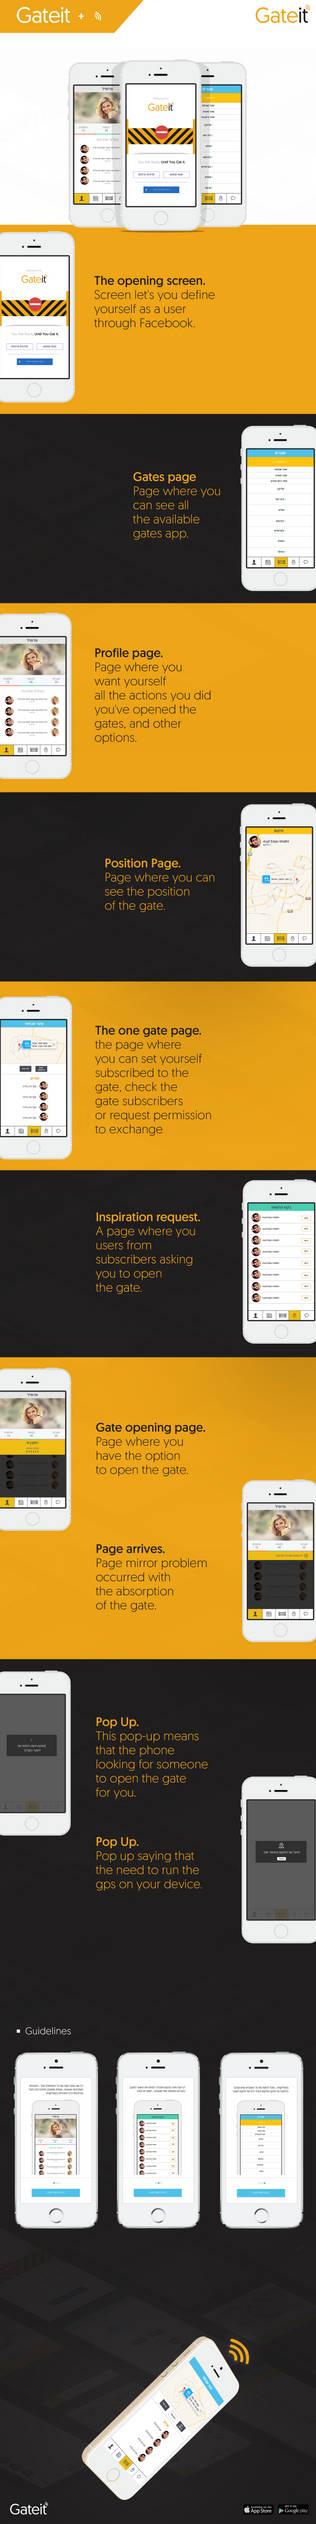 Gateit - App Design